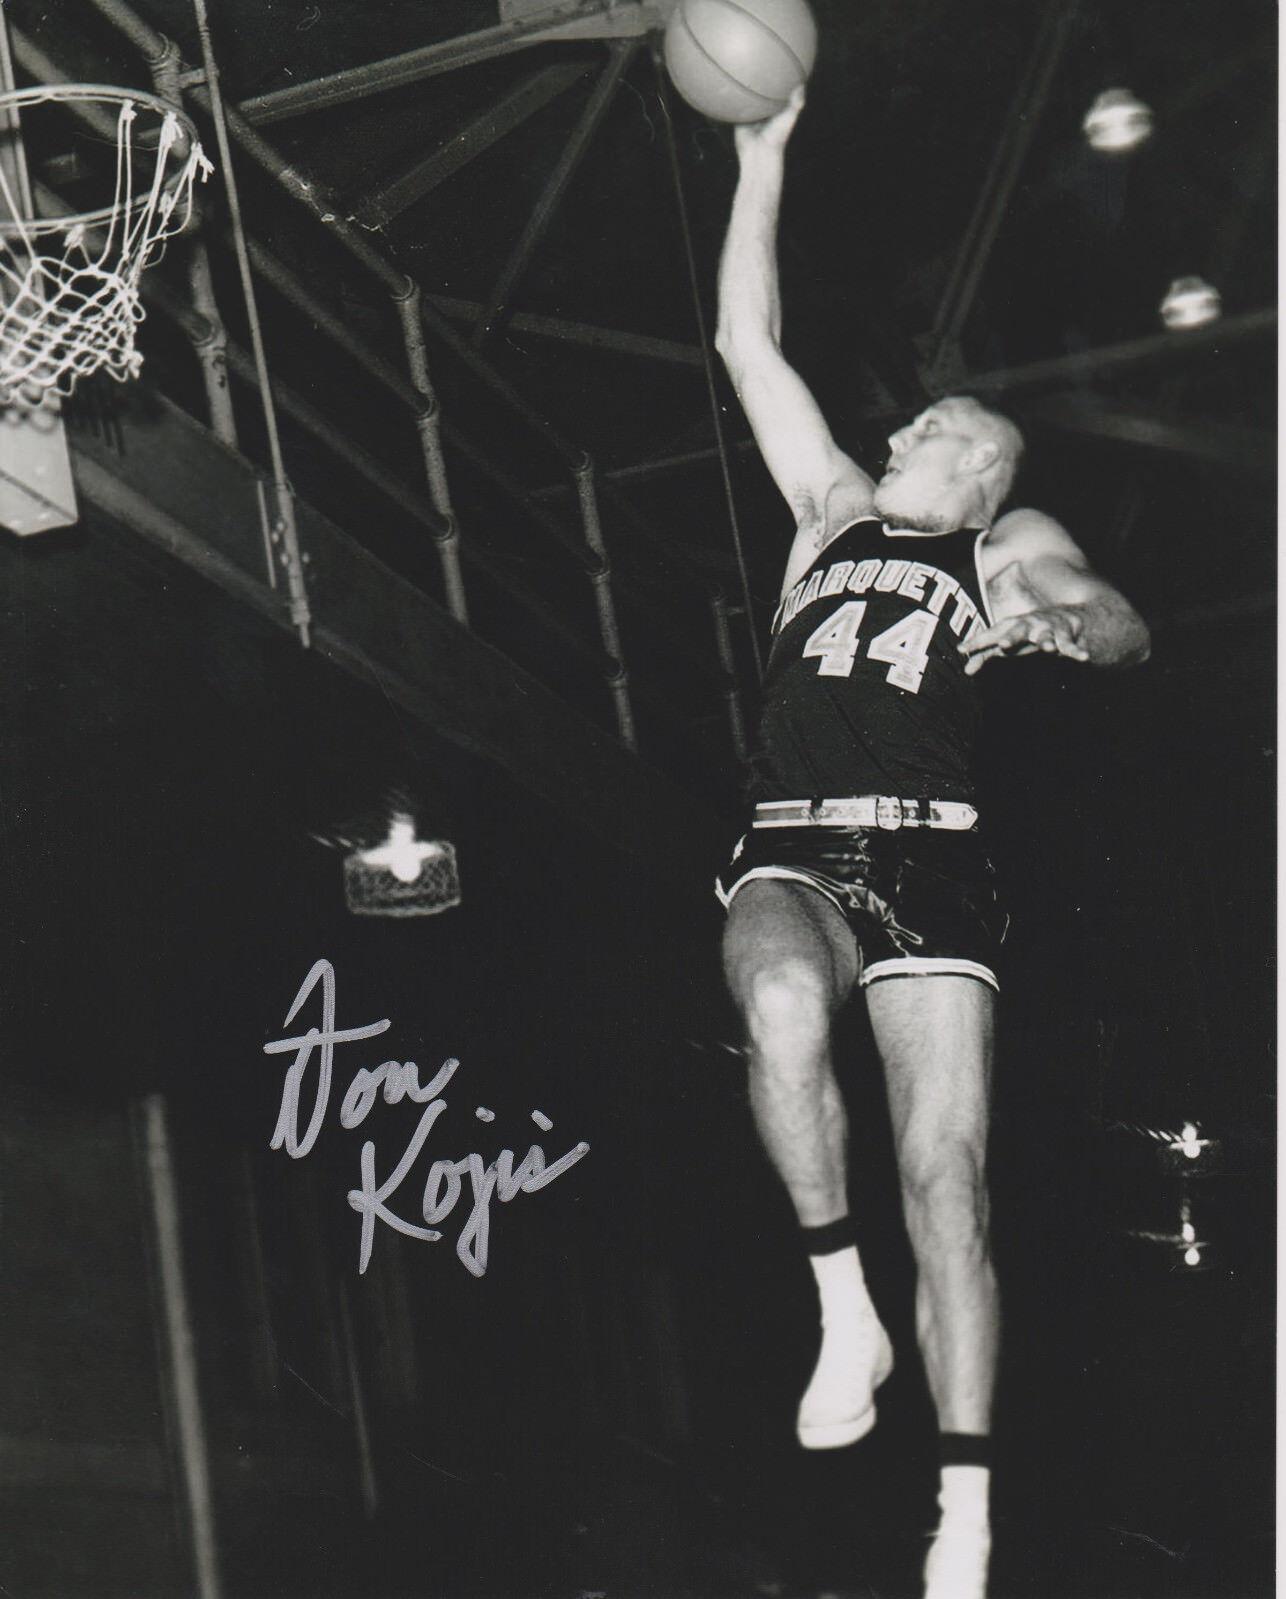 Don Kojis  Marquette Warriors Baloncesto Firmado 8x10 Foto  echa un vistazo a los más baratos